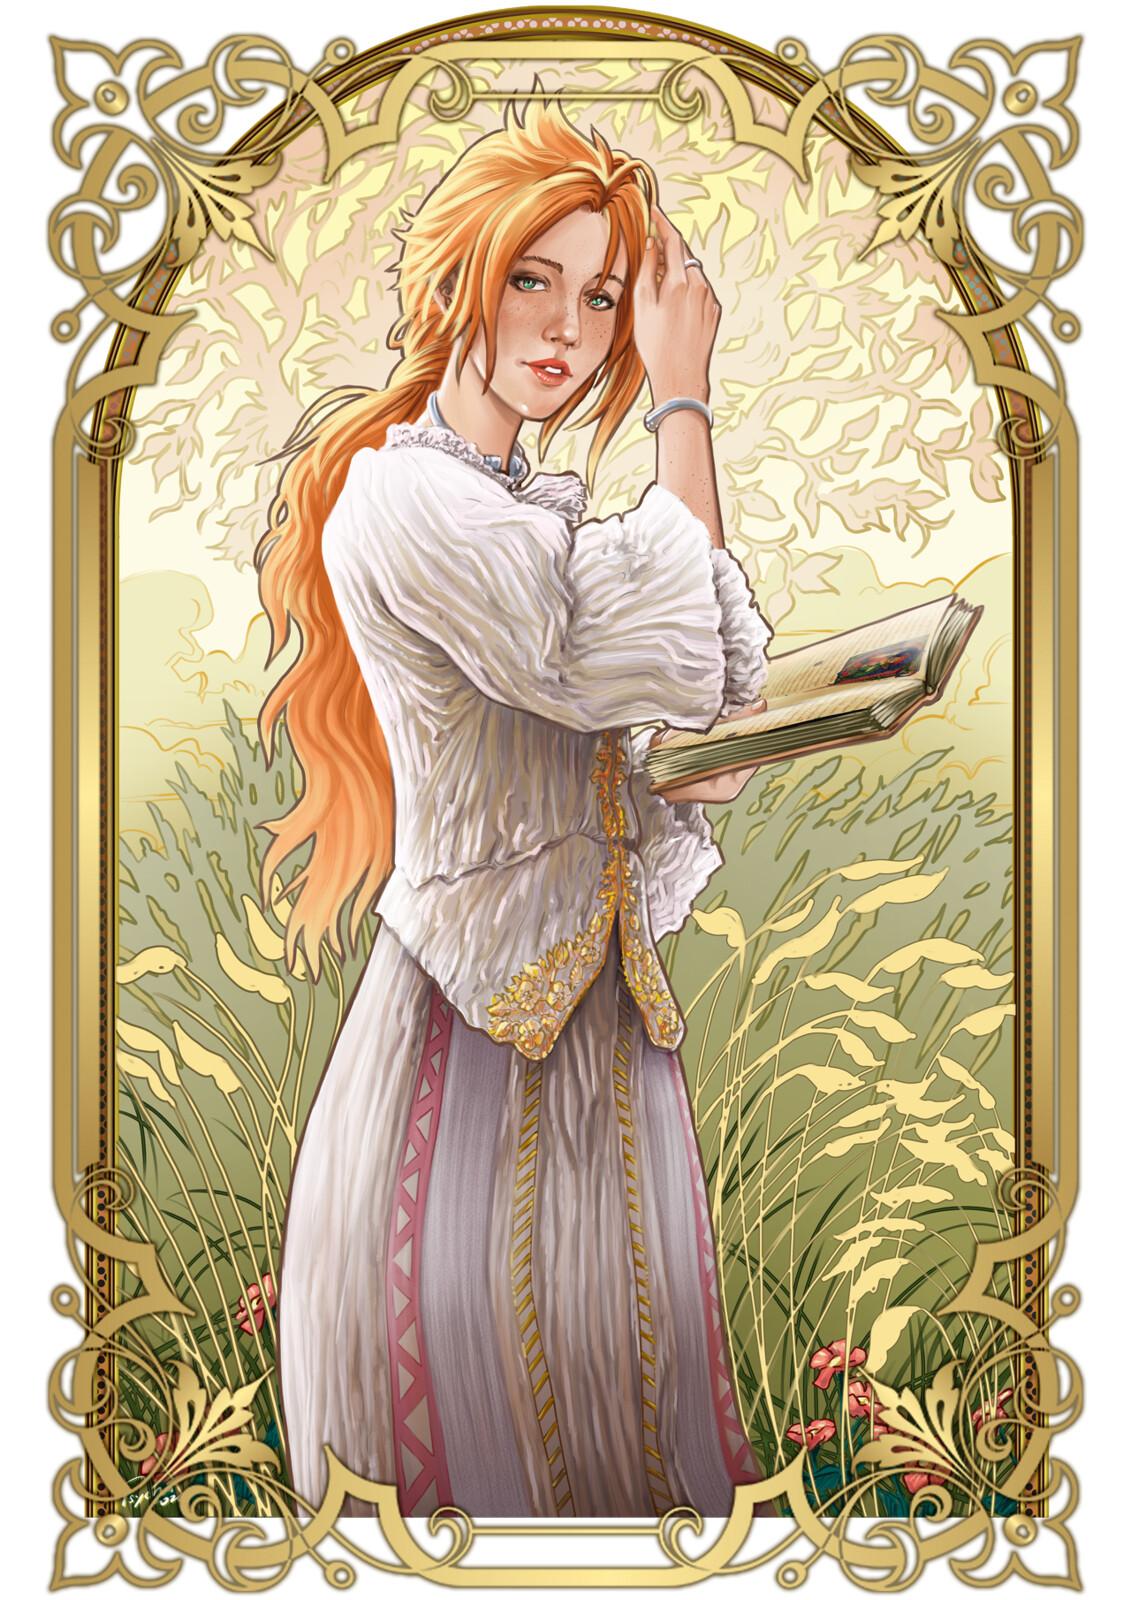 Lisa, Art Nouveau Style